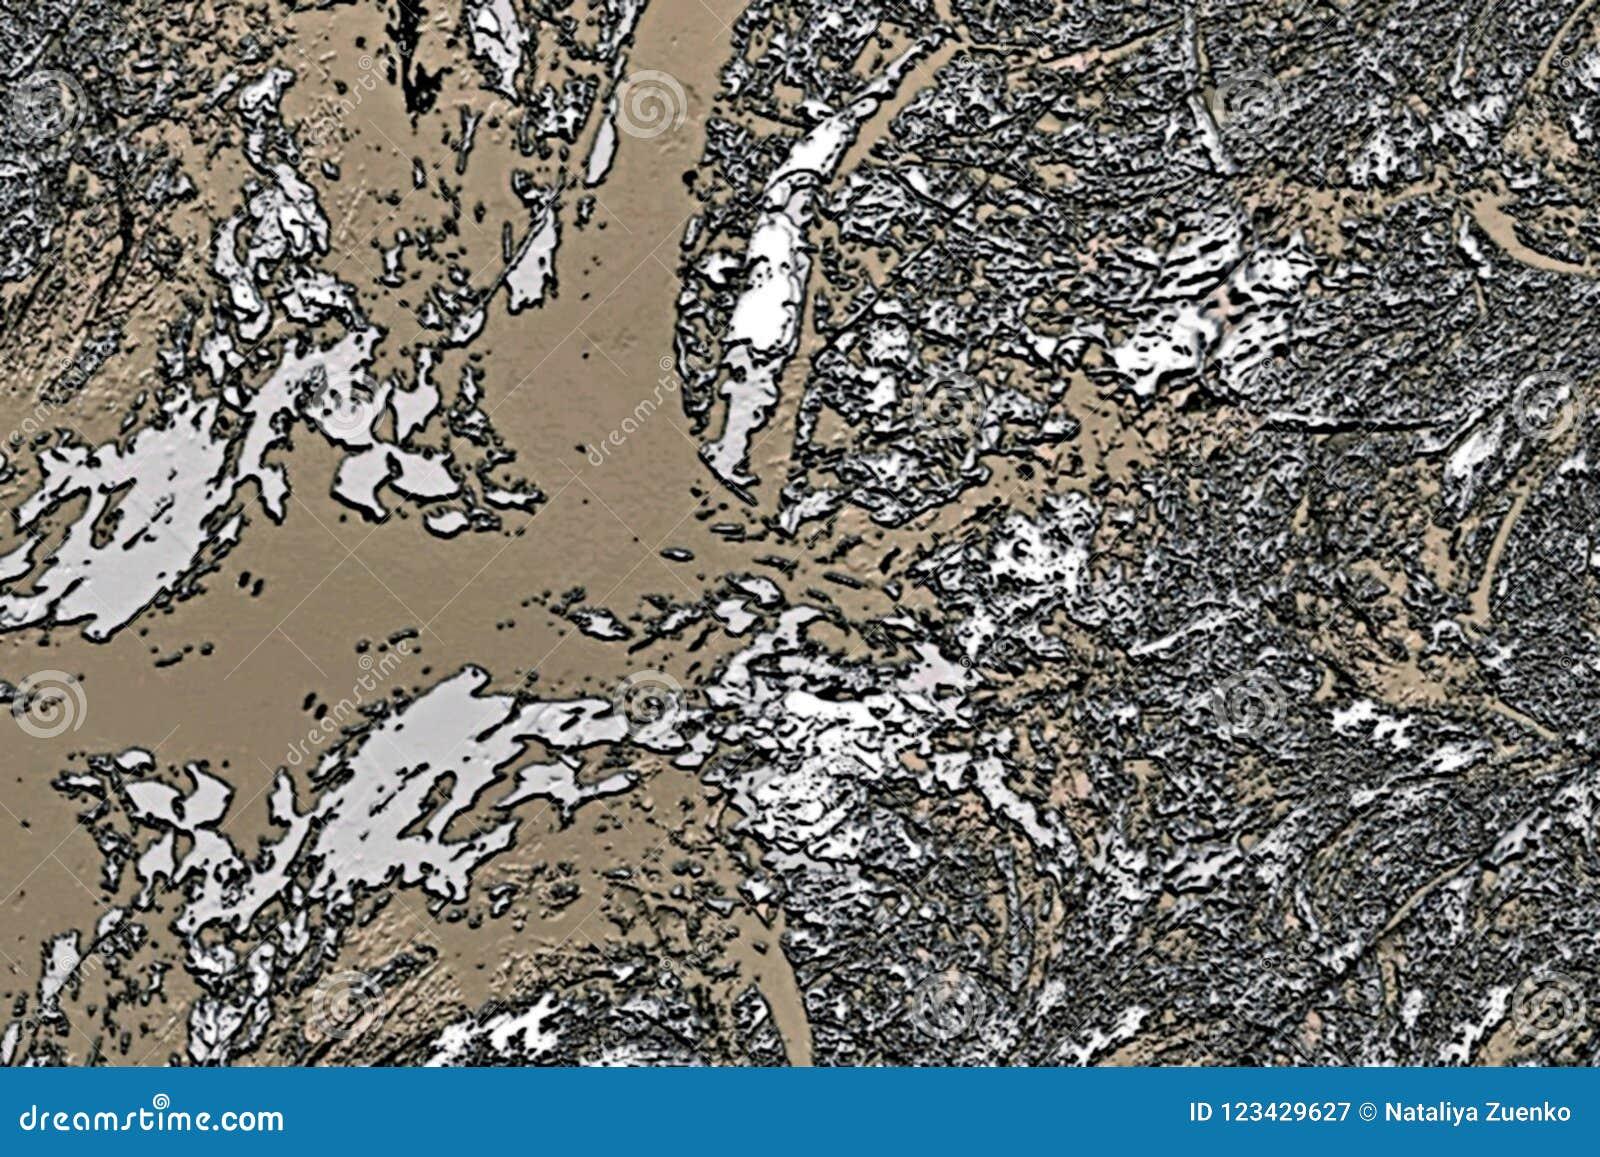 La fractale psychédélique abstraite de fond des taches brouillées chaotiques colorées balayent des courses de différentes tailles